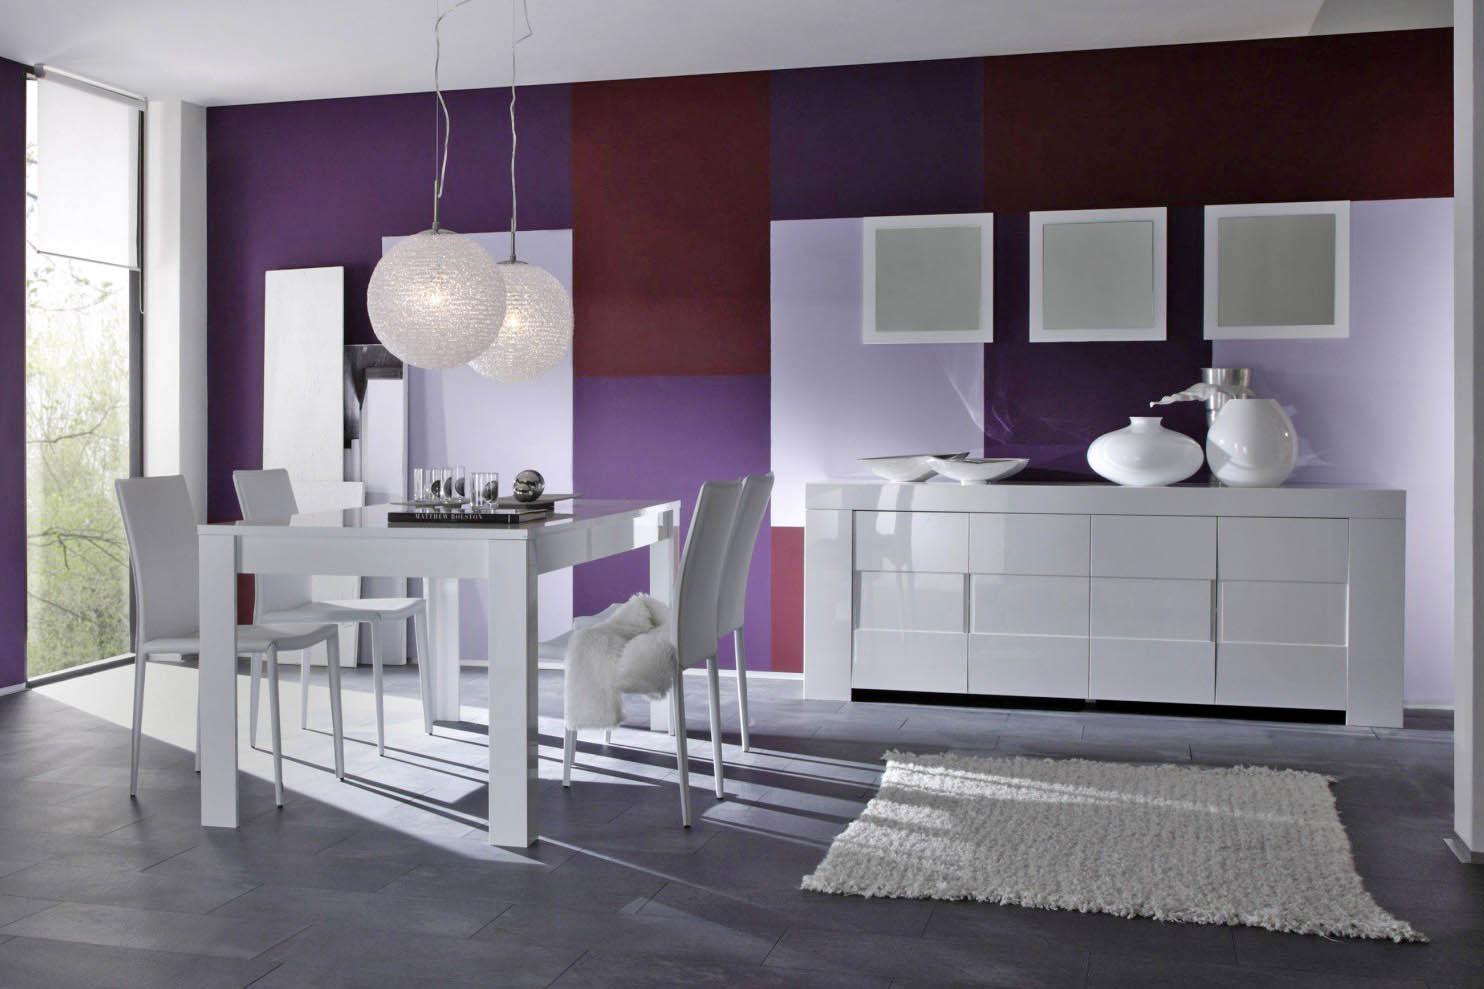 Salle manger meubl et design blanc meuble et - Meuble blanc salle a manger ...